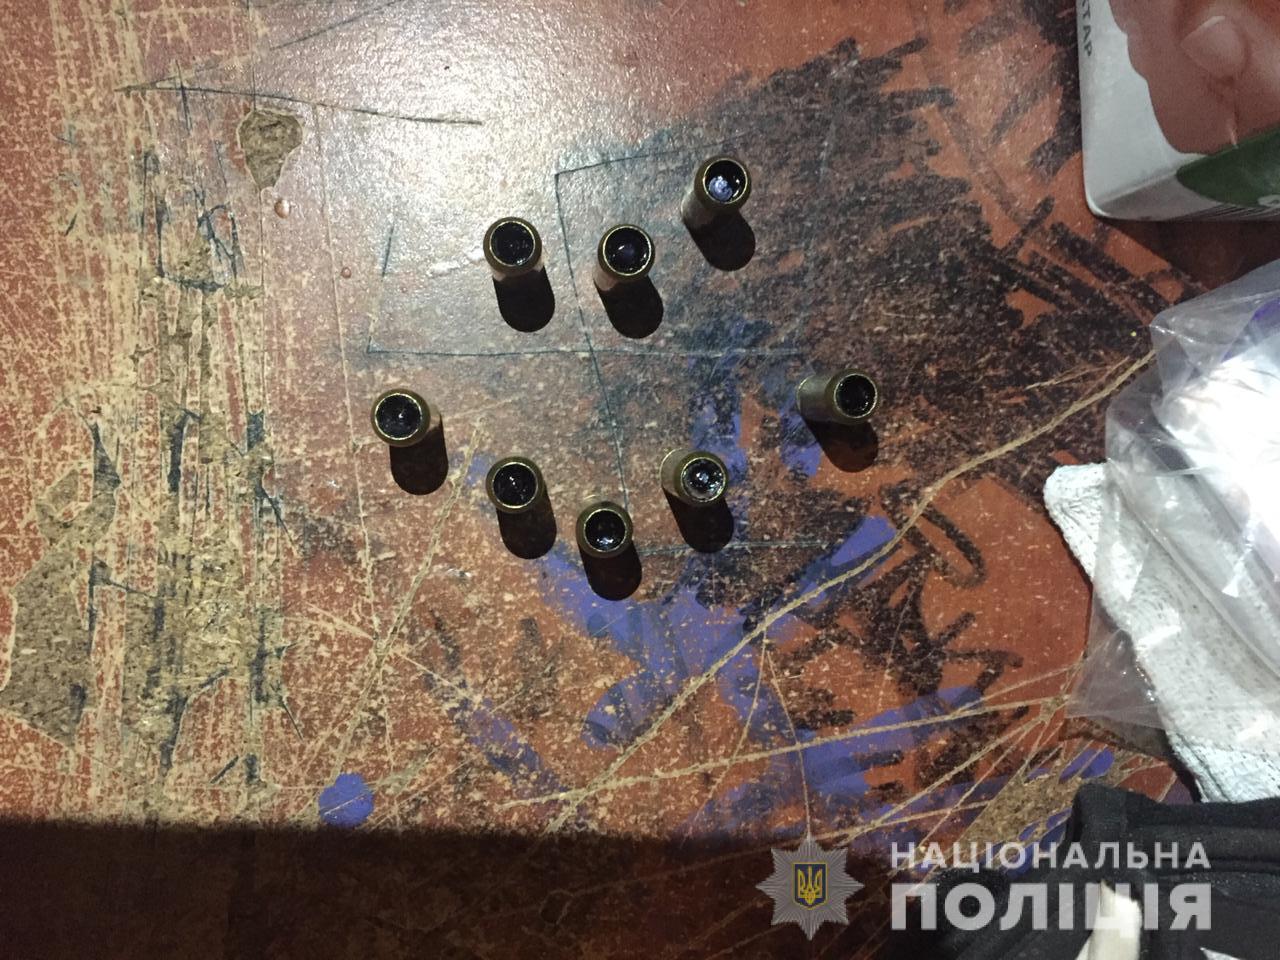 Irp-2-rozb-nap-2 В Ірпені наркоман вчинив два озброєні напади на жінок протягом години